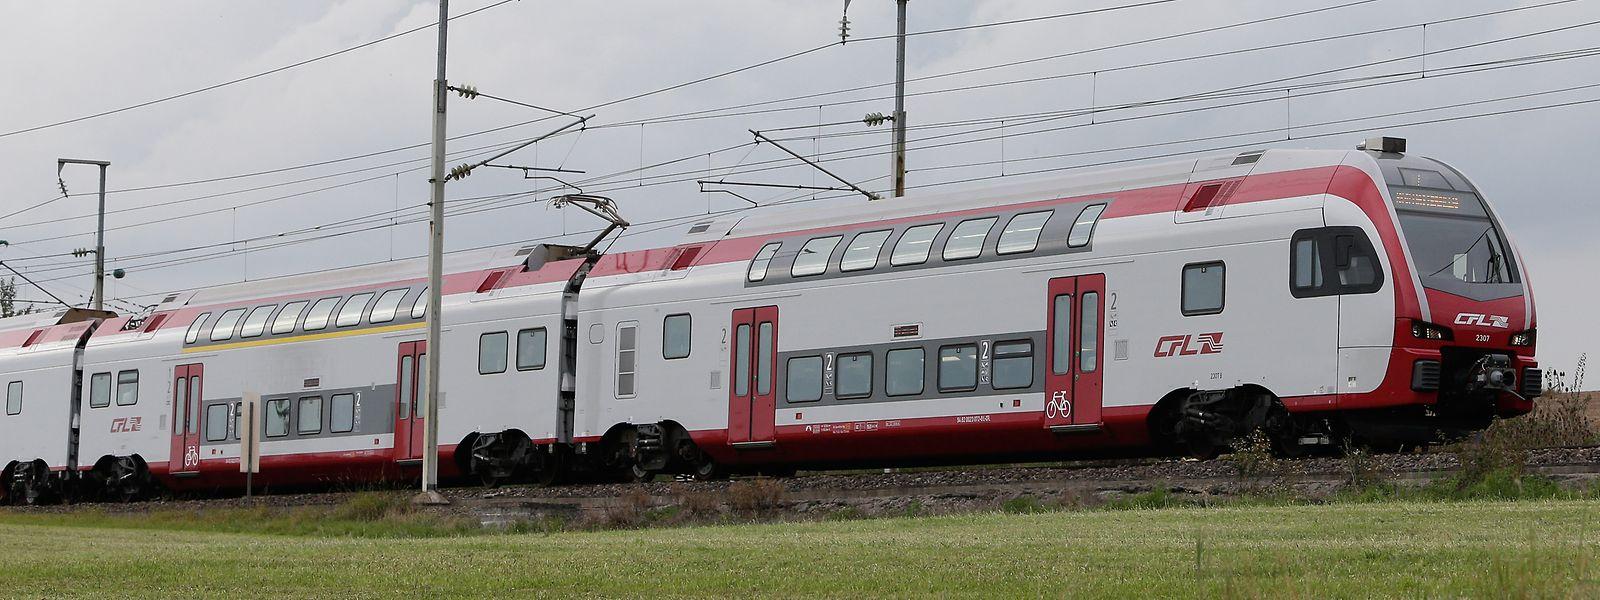 Die CFL-Züge vom Typ Stadler Kiss fahren bis nach Wittlich und Koblenz.